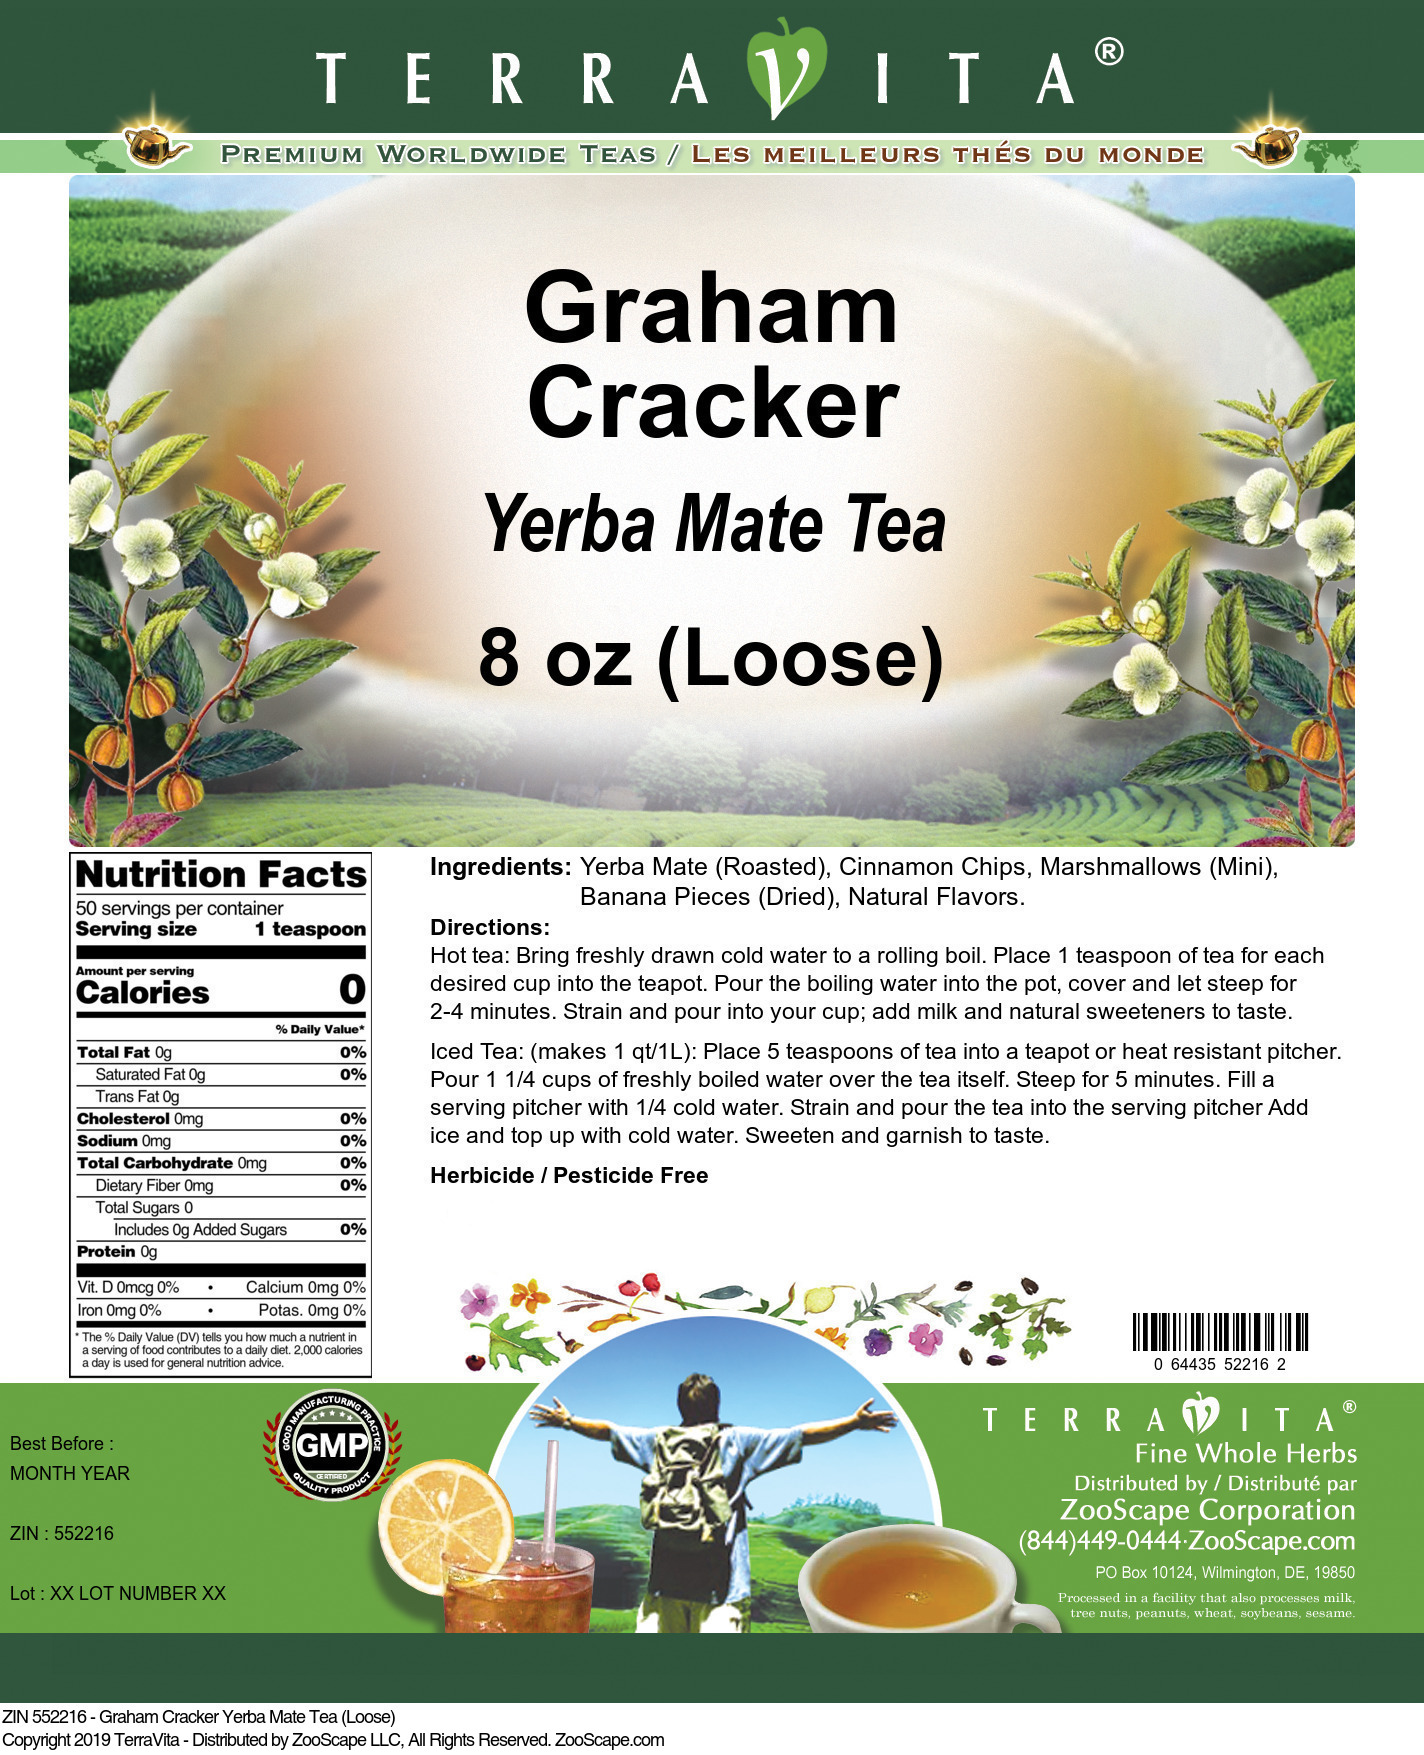 Graham Cracker Yerba Mate